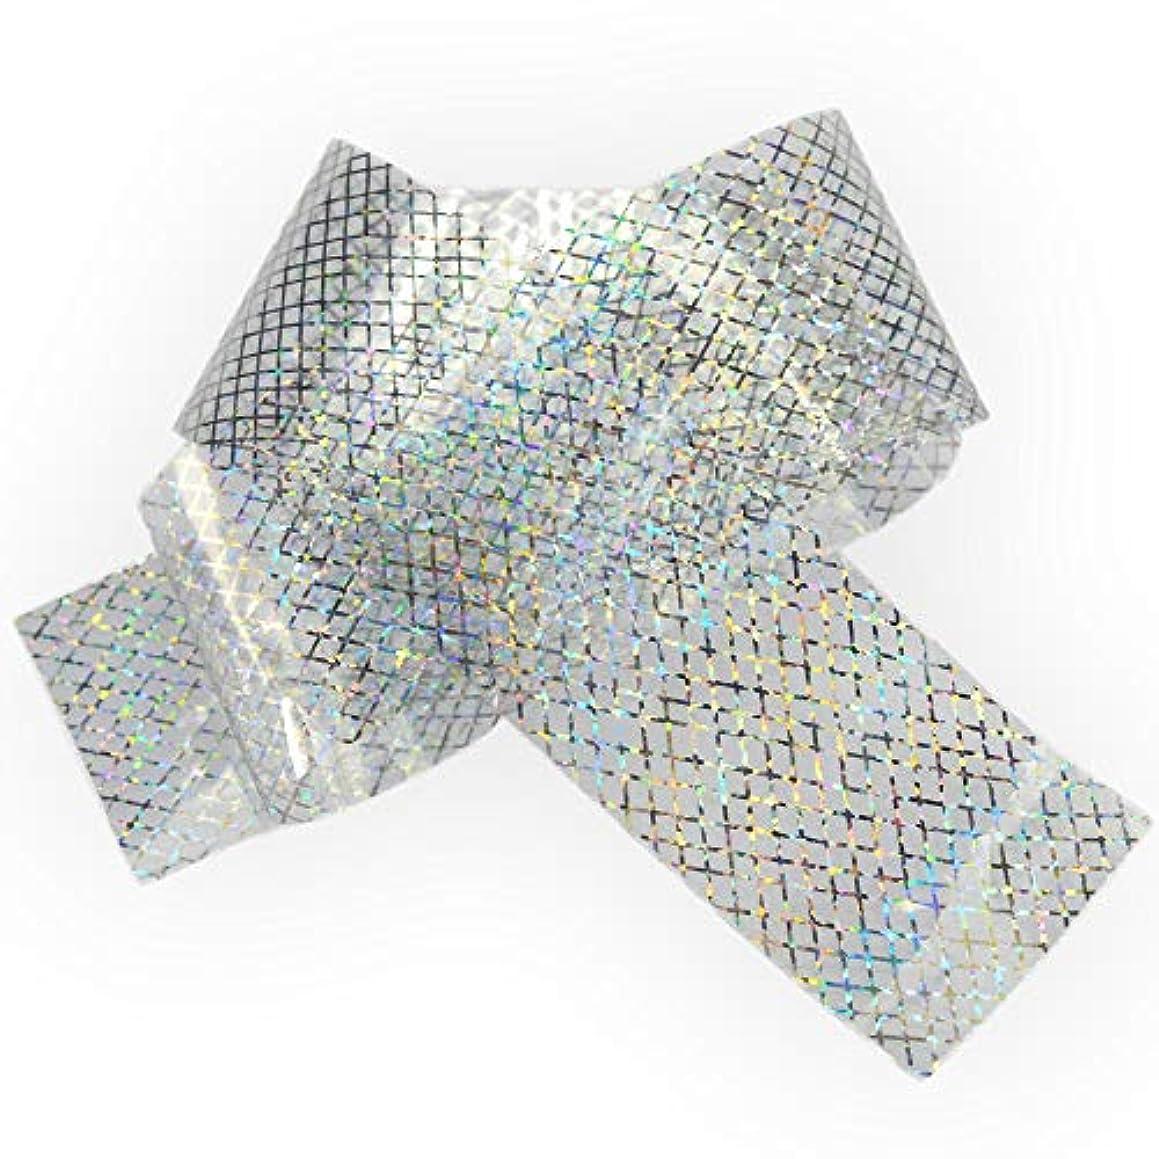 表面キャプション慣らす100x4cmホログラフィック星空ネイル箔レーザーラインネイルアート転送ステッカーシャイニーネイルジュエリーアクセサリー